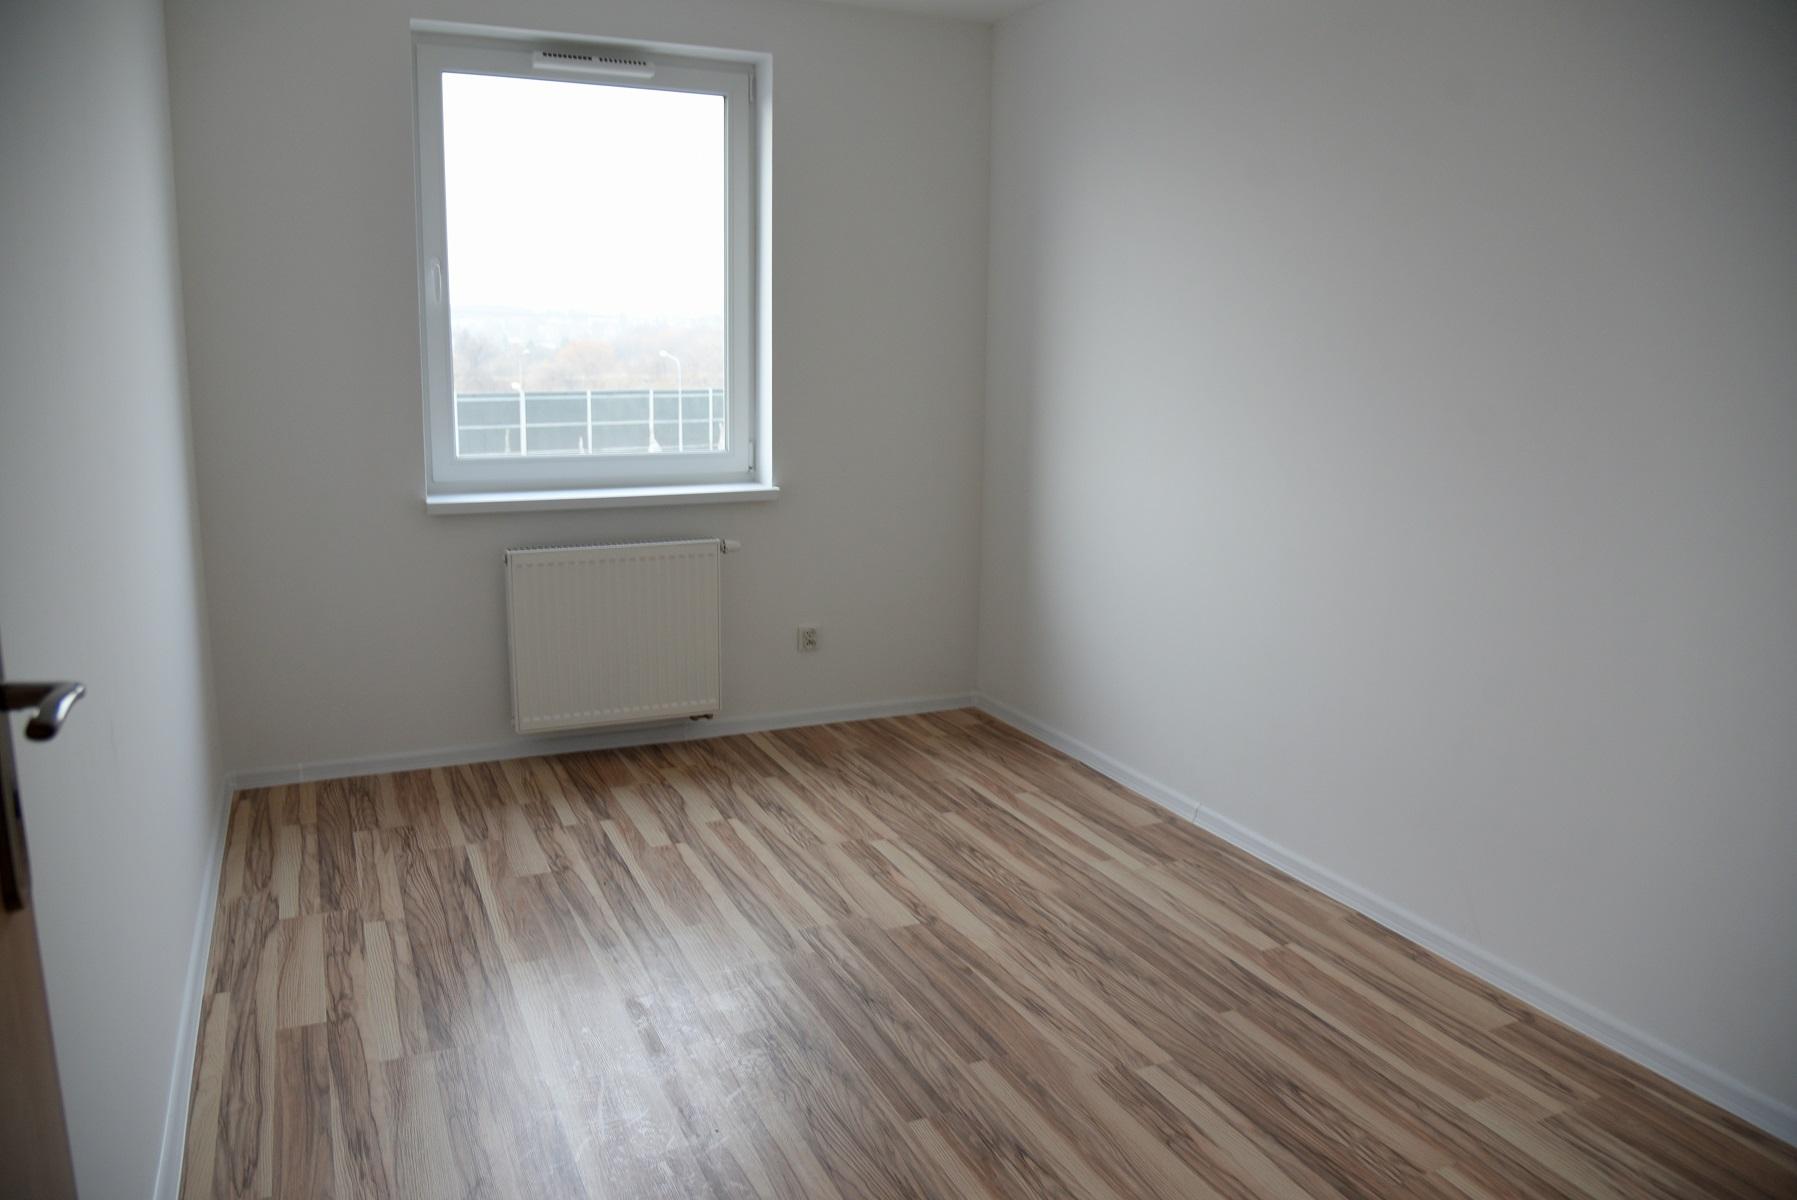 Budowa mieszkań komunalnych to odpowiedź na potrzeby poznaniaków, których nie stać na kredyt i kupno mieszkania od dewelopera lub czynsz rynkowy (fot.poznan.pl)